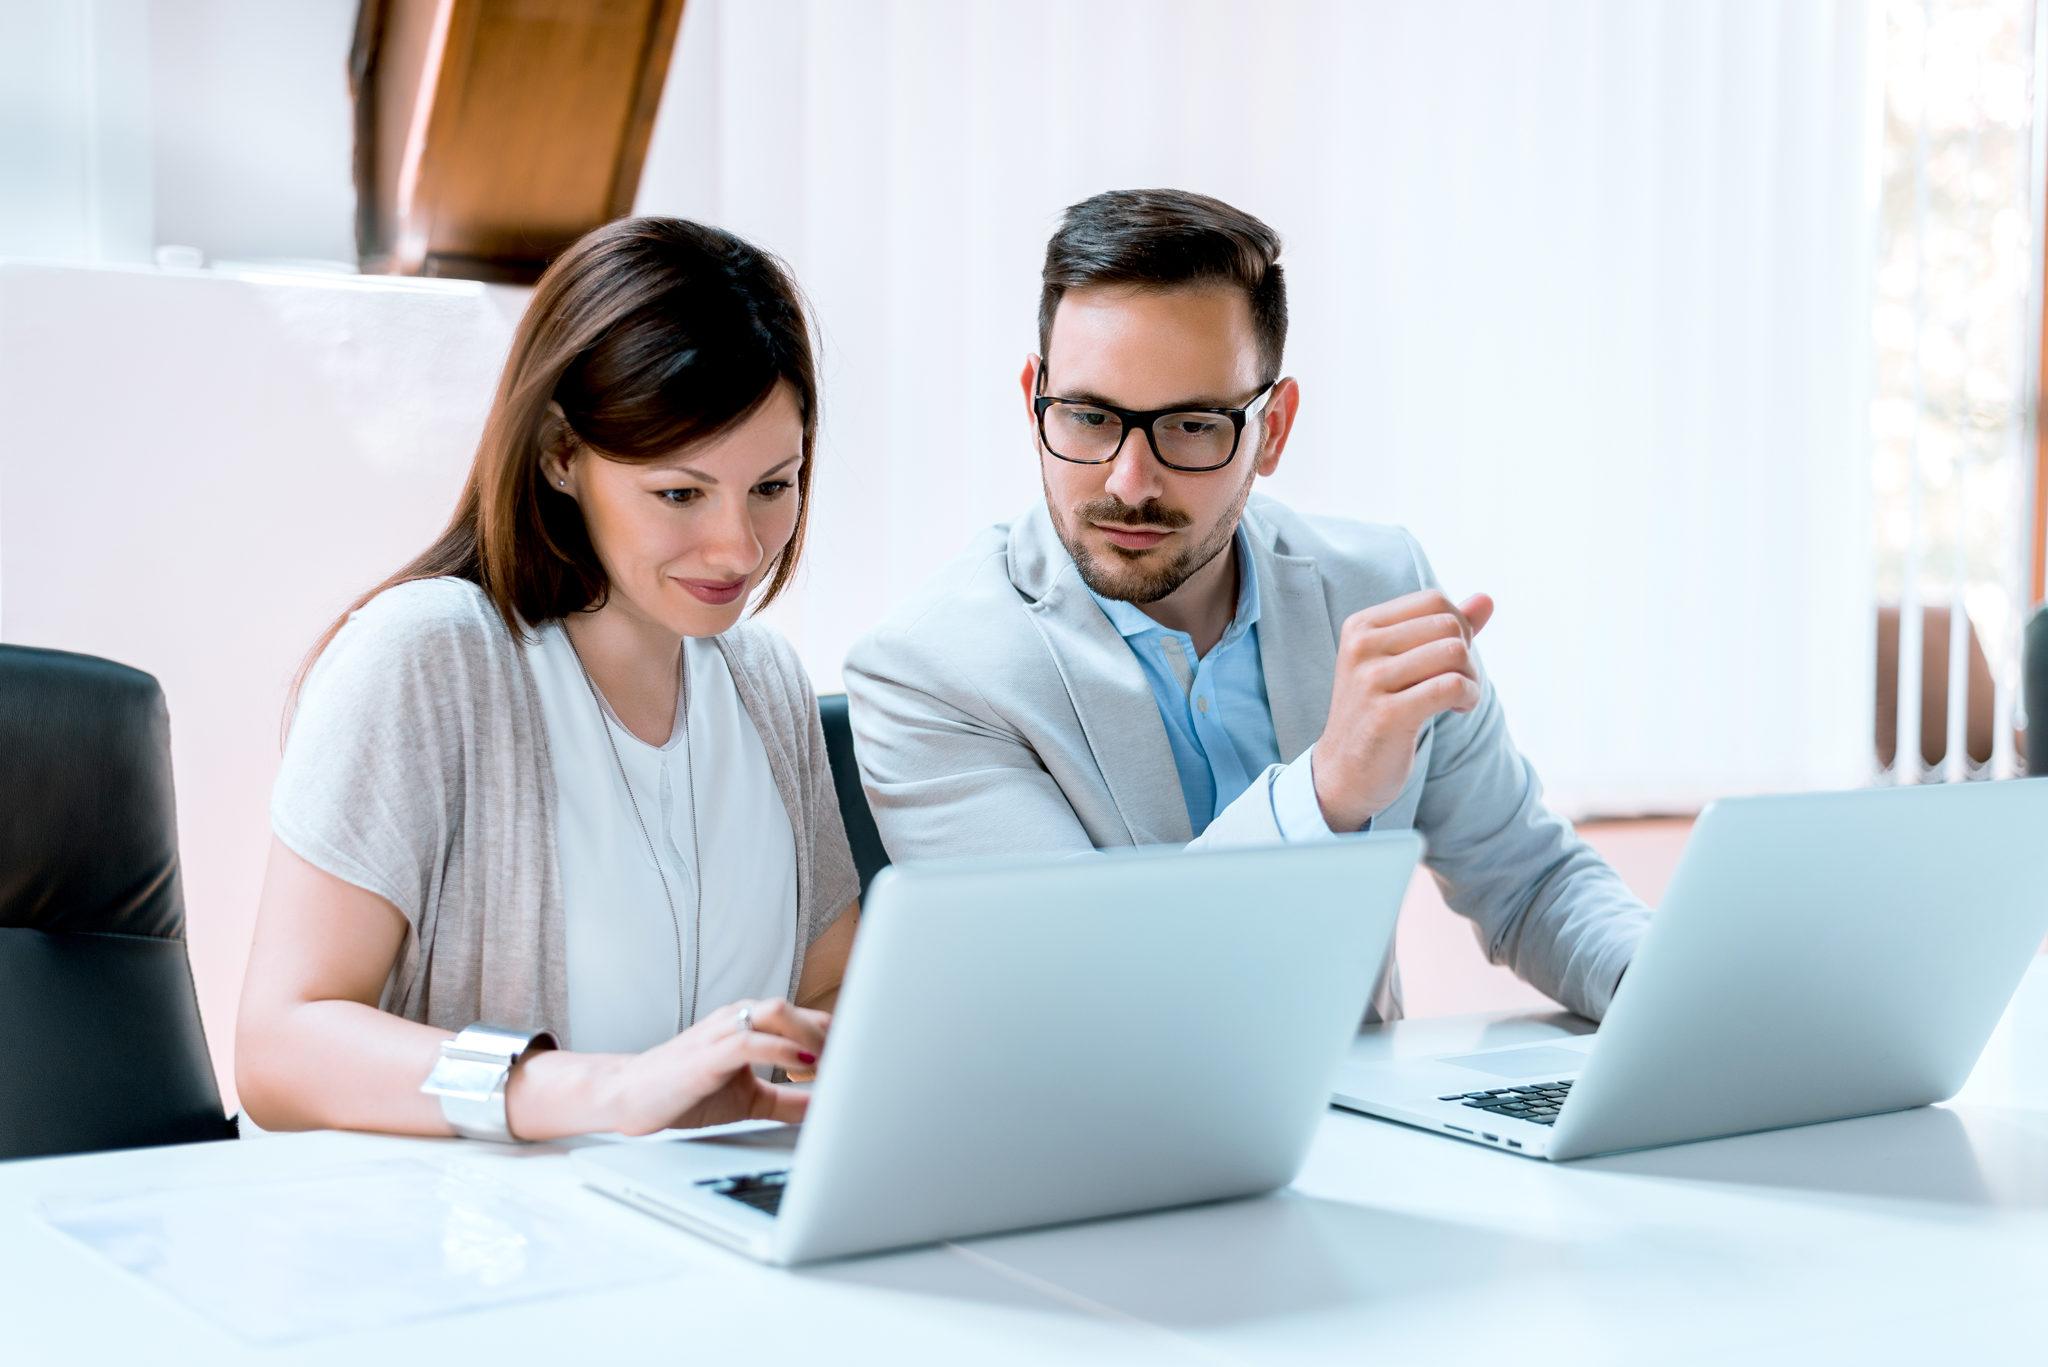 utilizar LinkedIn para encontrar empleo, perfil de éxito en LinkedIn, empleo de profesor, encontrar empleo de profesor, LinkedIn para encontrar empleo